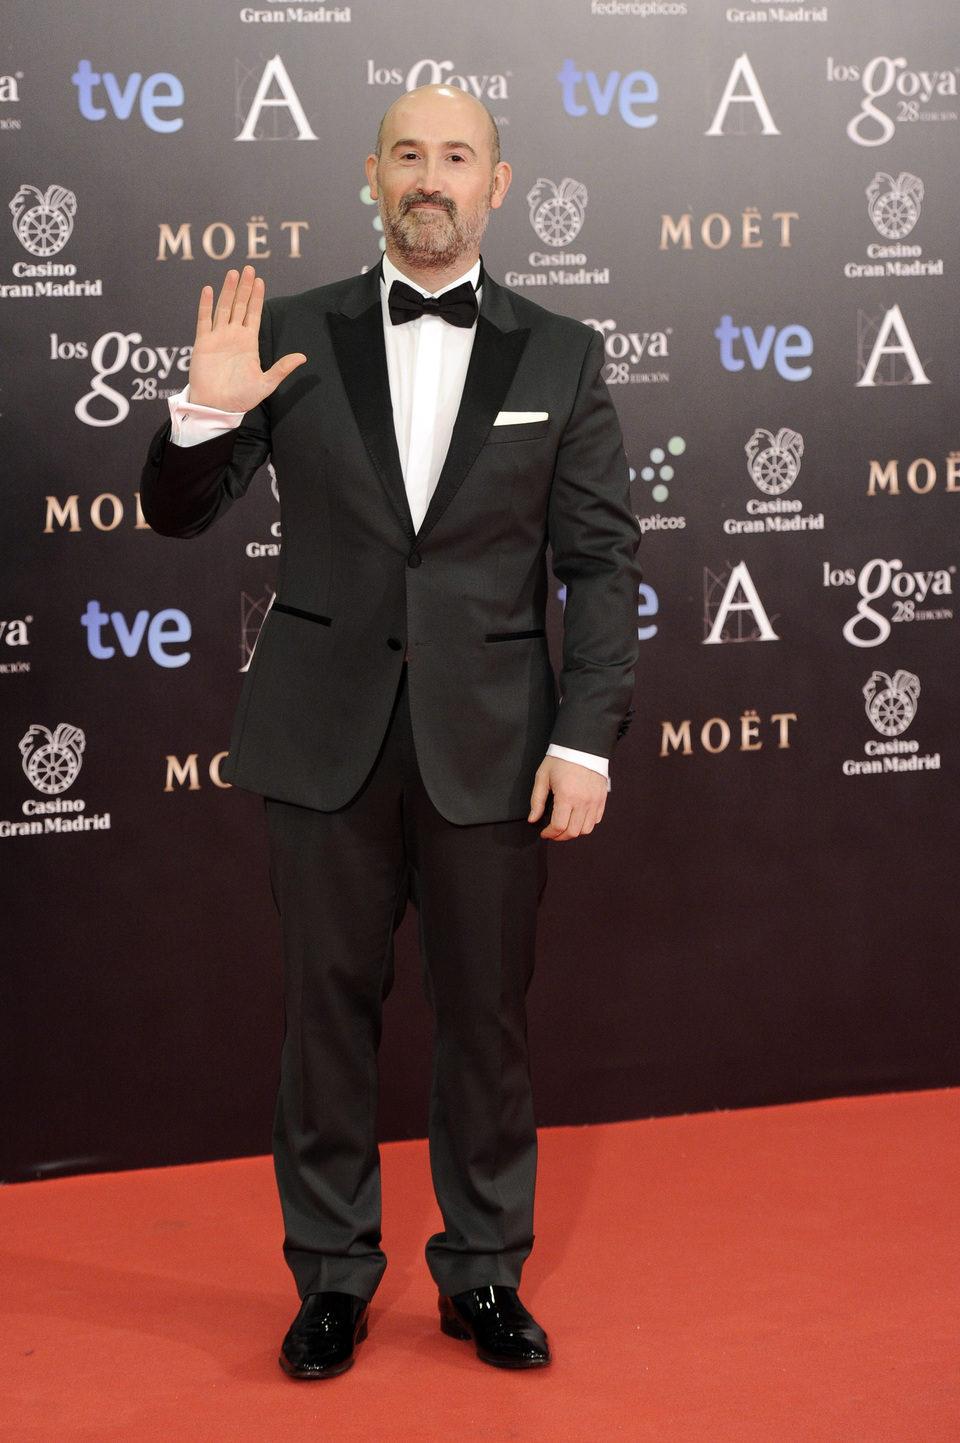 Javier Cámara en la alfombra roja de los Goya 2014